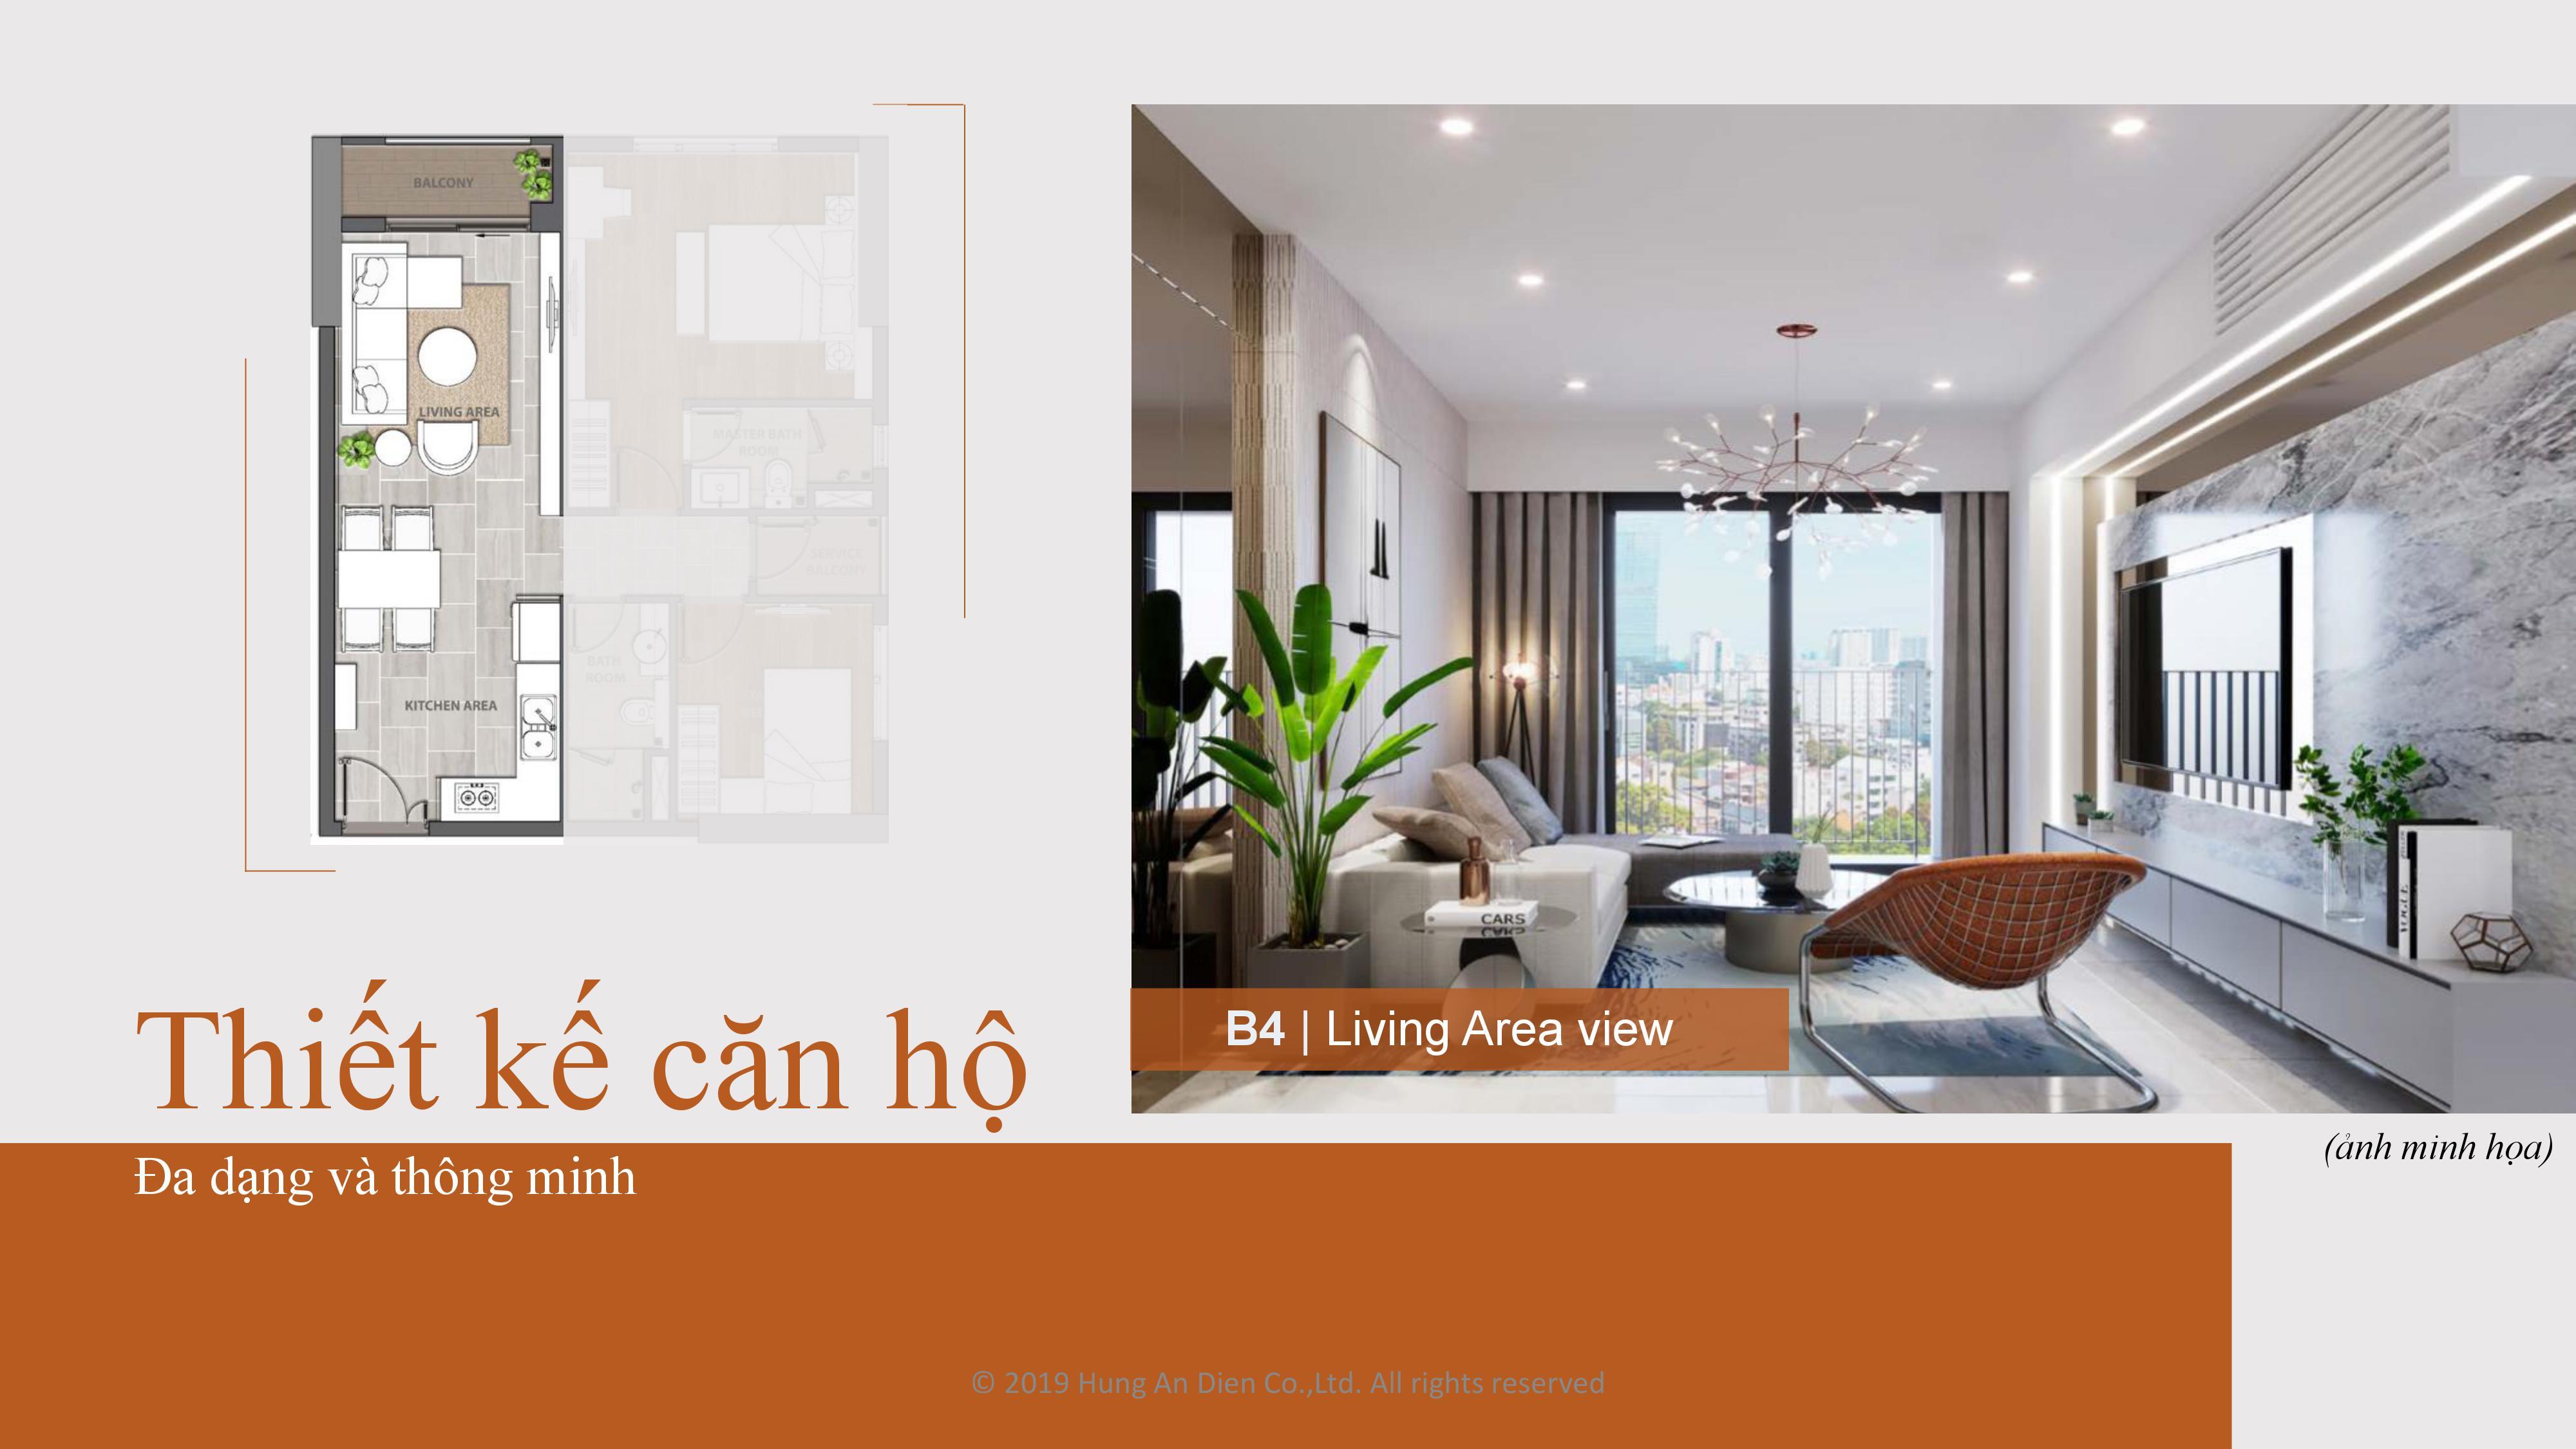 Thiết kế căn hộ Aio City hình 04